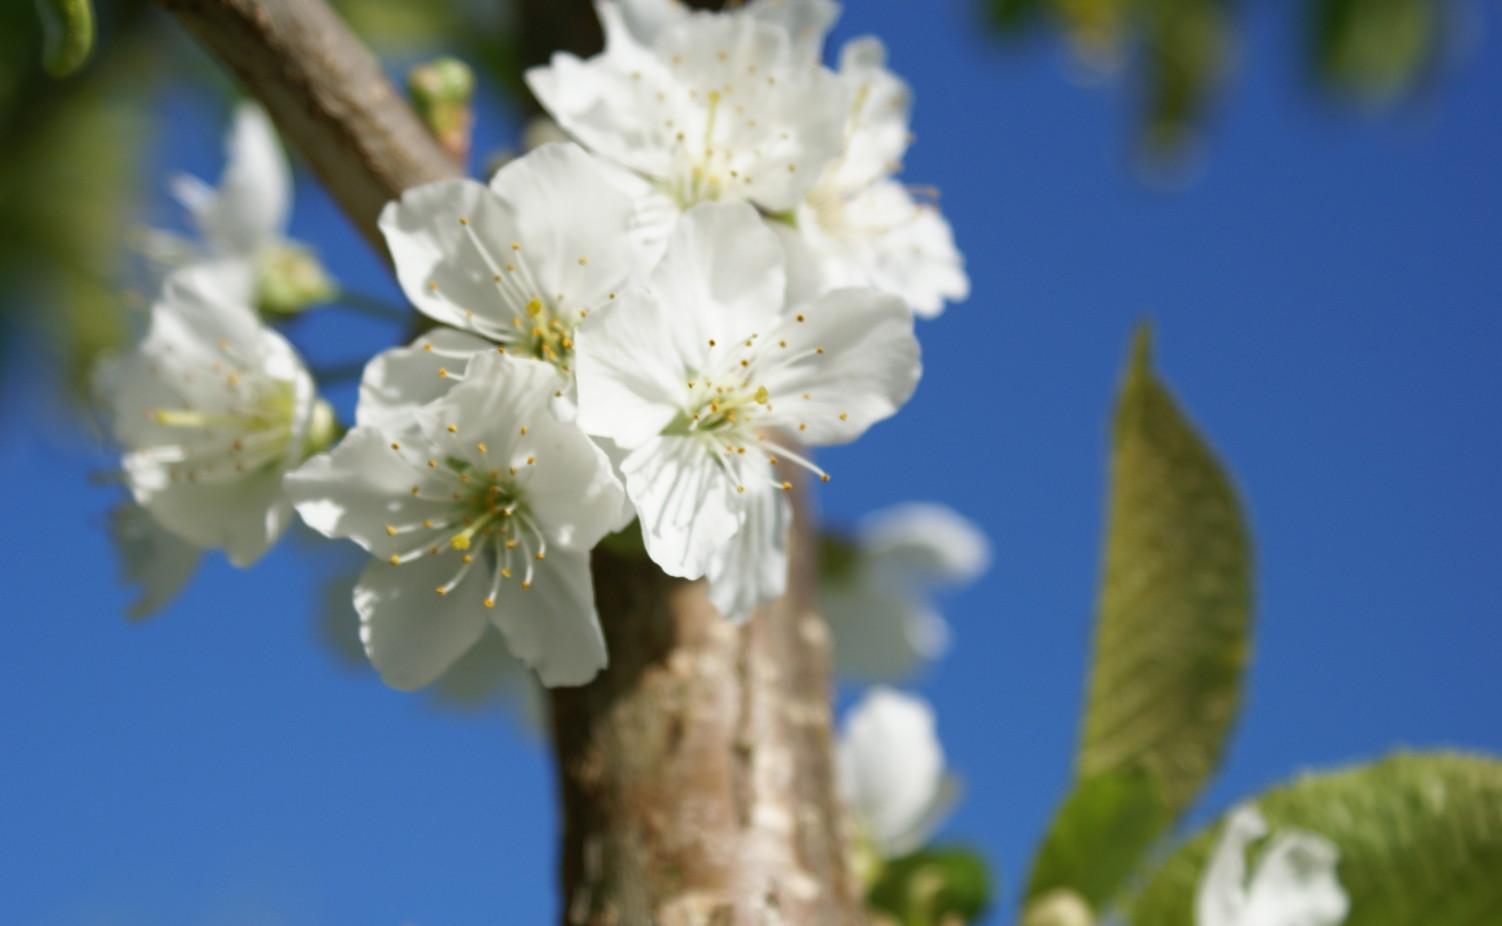 Fruitbomen in de gaard in bloei...